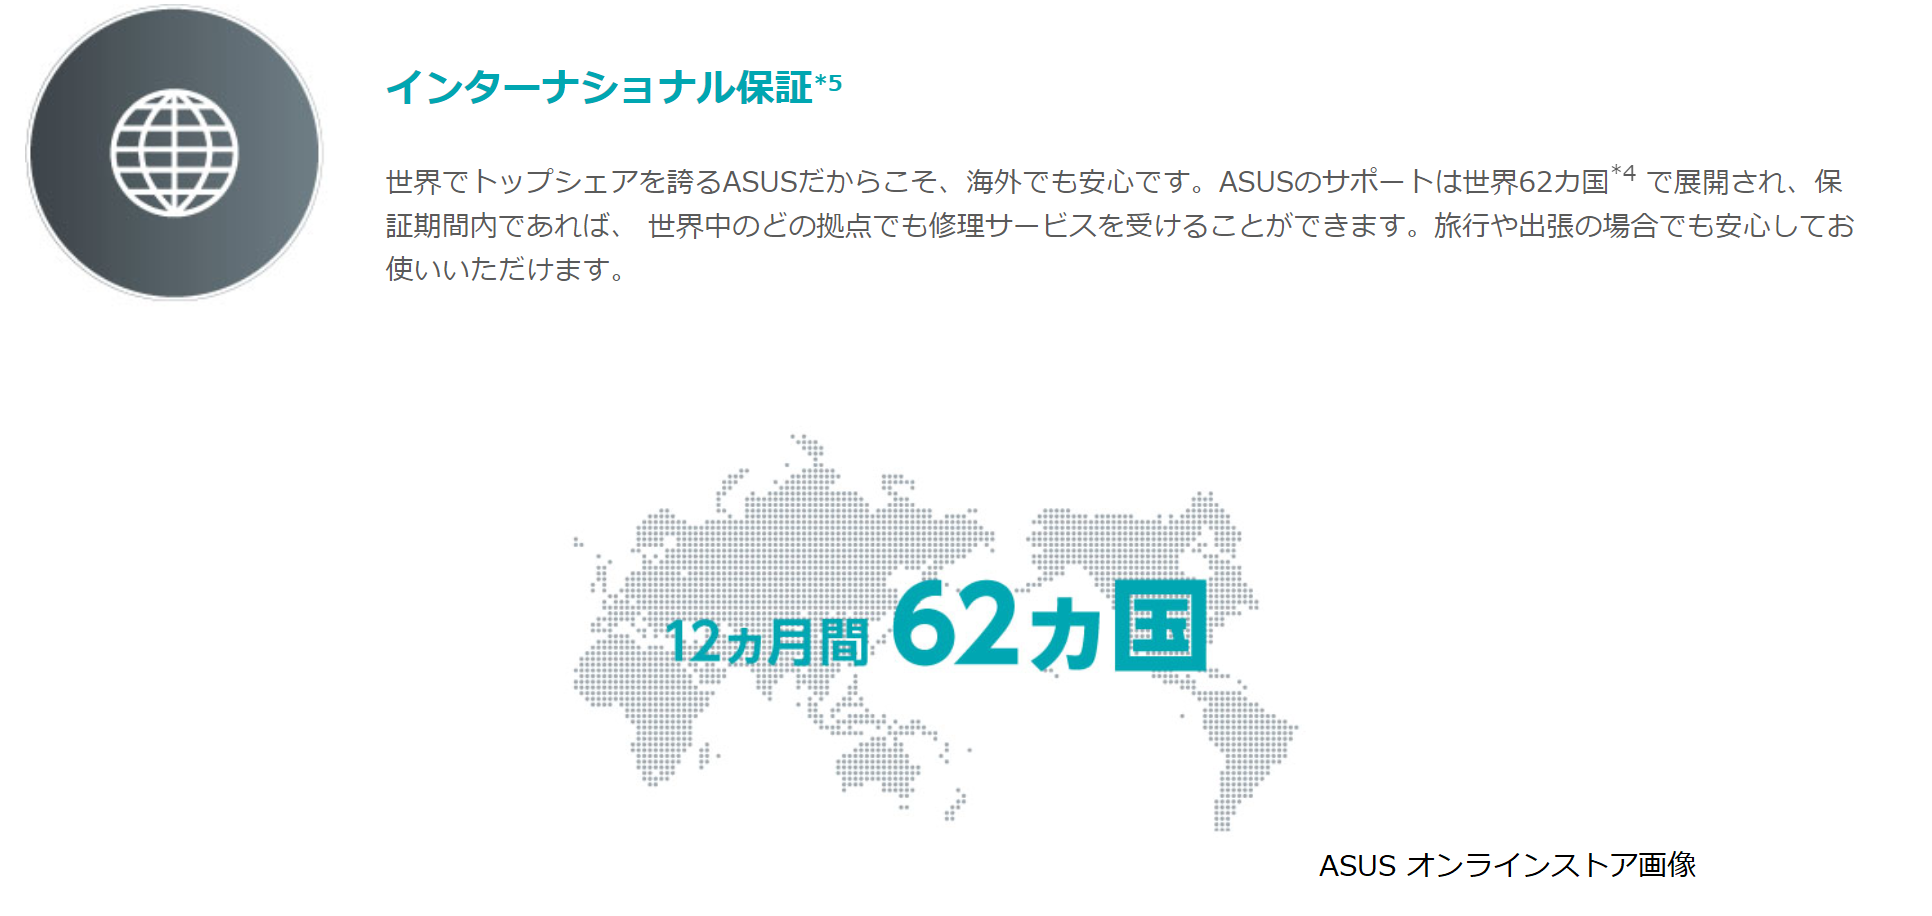 ASUS JAPAN と2週間のバトル 国際保証制度のカラクリにご注意!